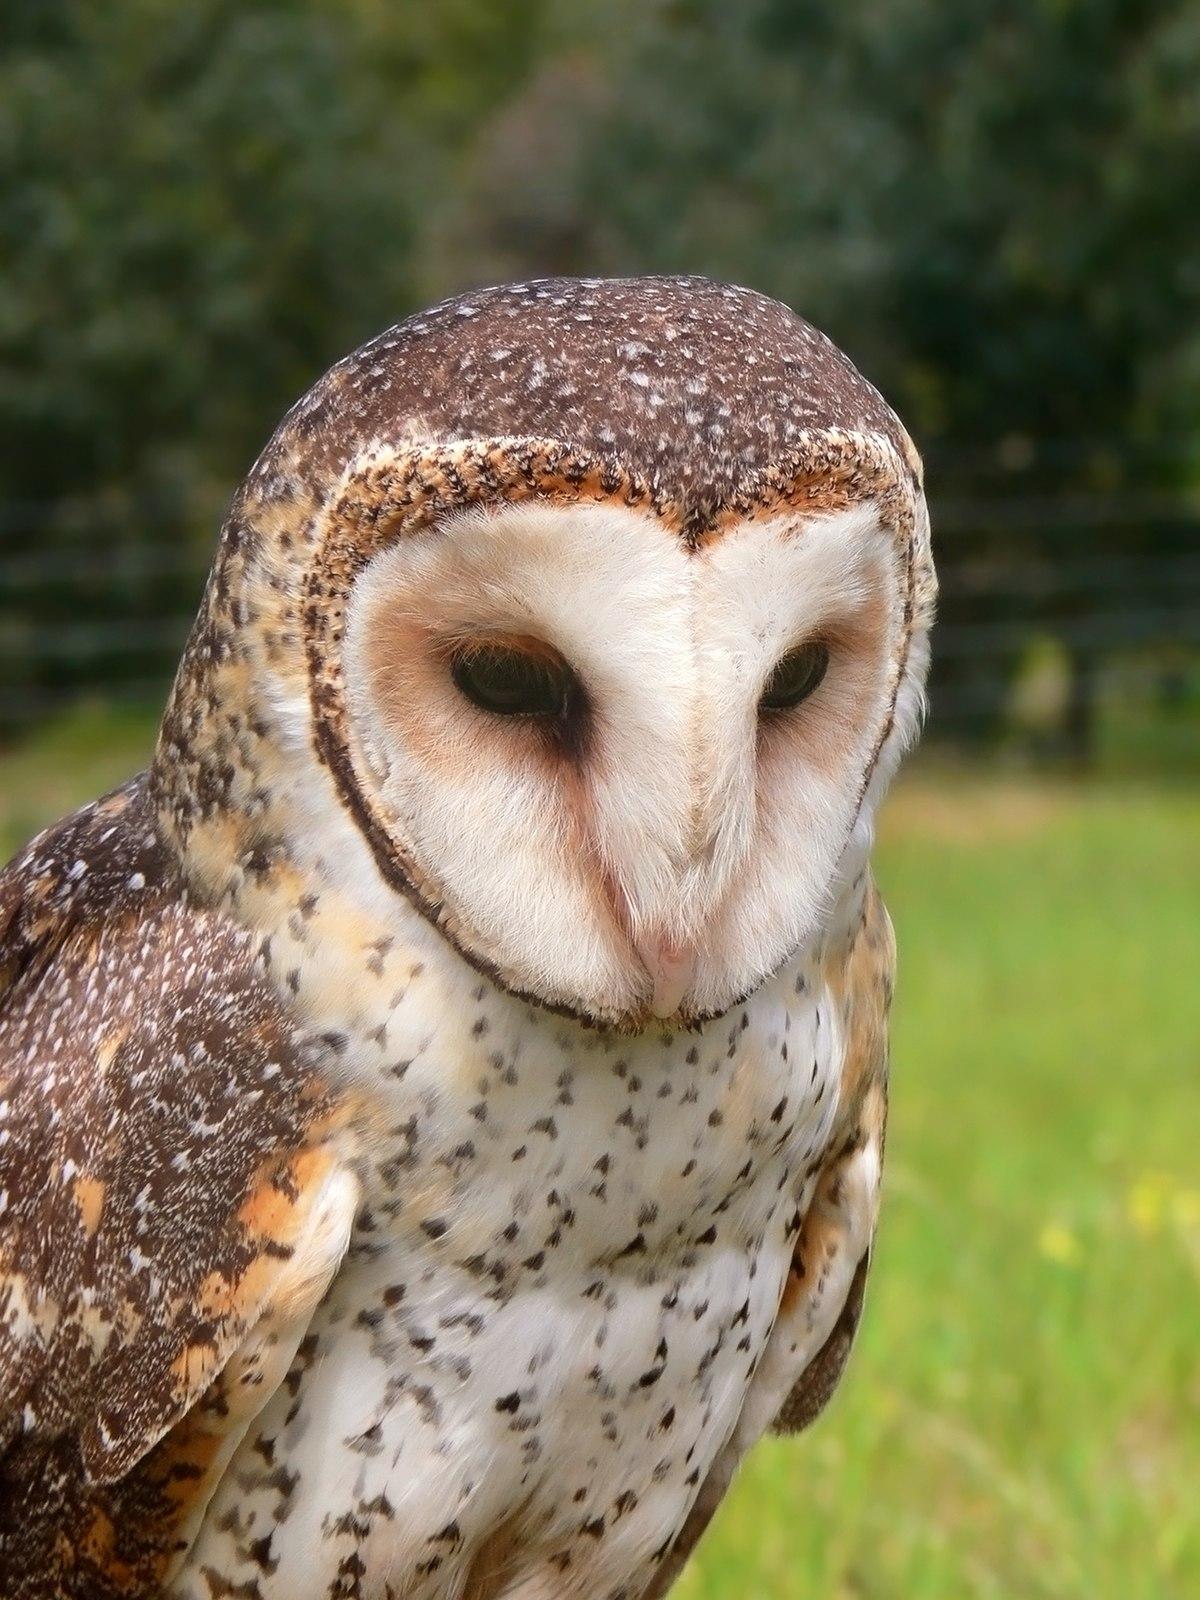 Barn Owl Wikipedia